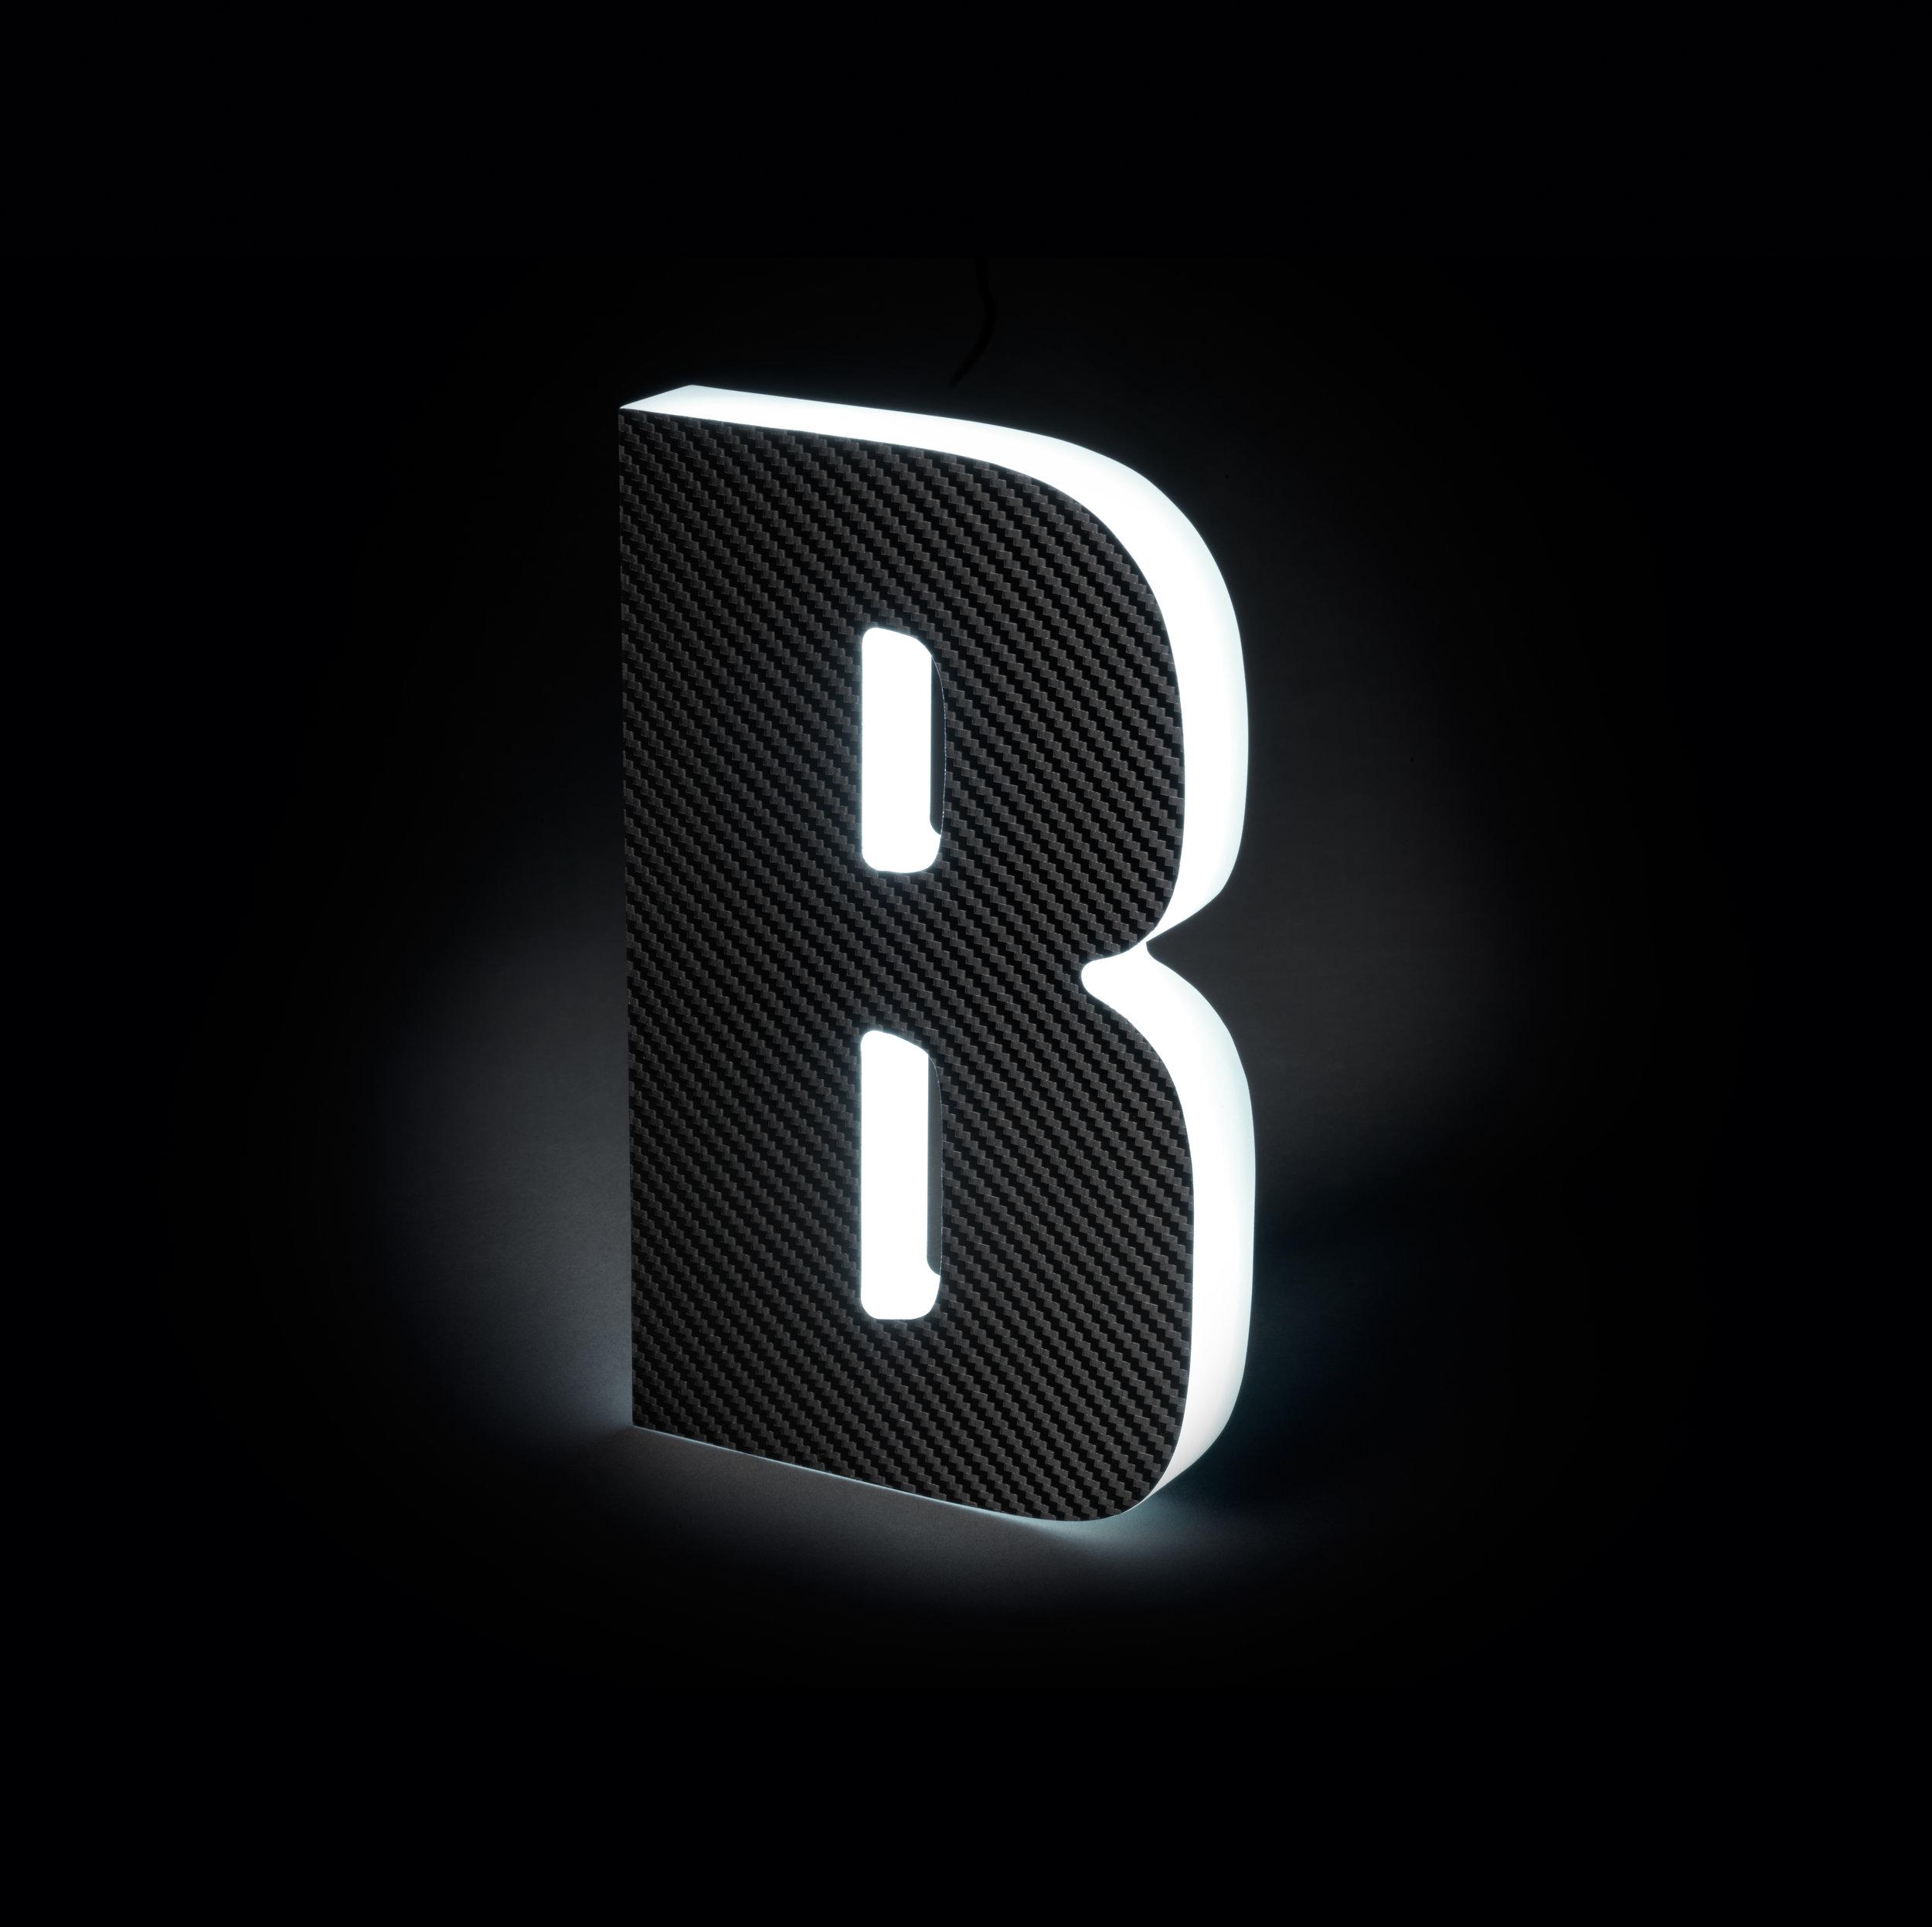 Sidelit Carbon Fiber Black Vinyl with Glowing Sides